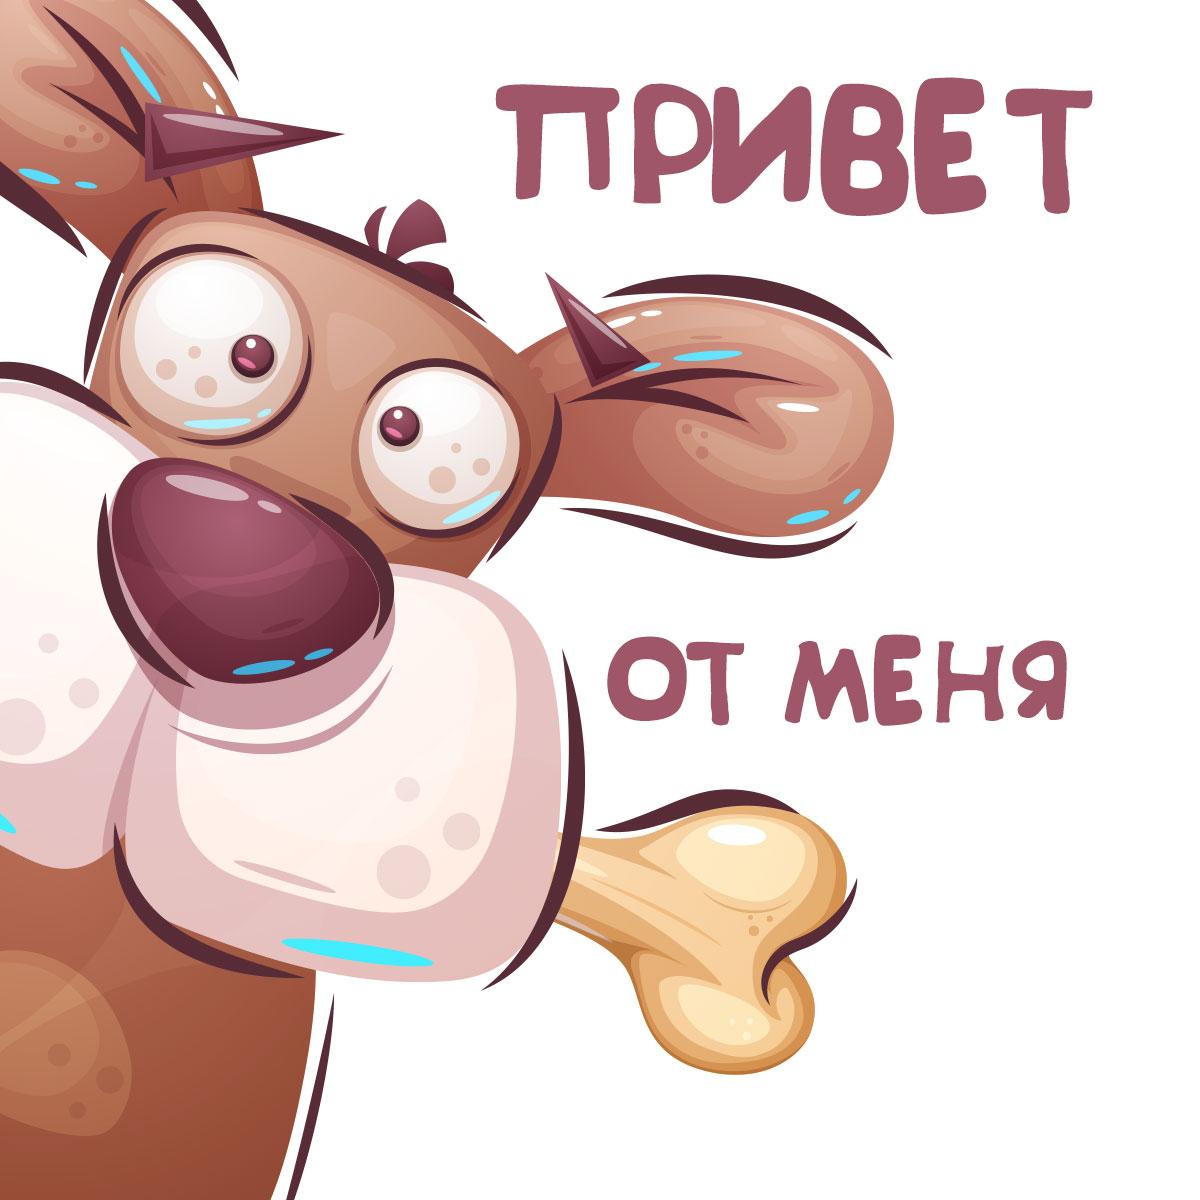 Картинка с надписью - мультипликационная открытка привет от меня для настроения с мордой коричневой собаки с большим носом и ушами и костью в пасти.